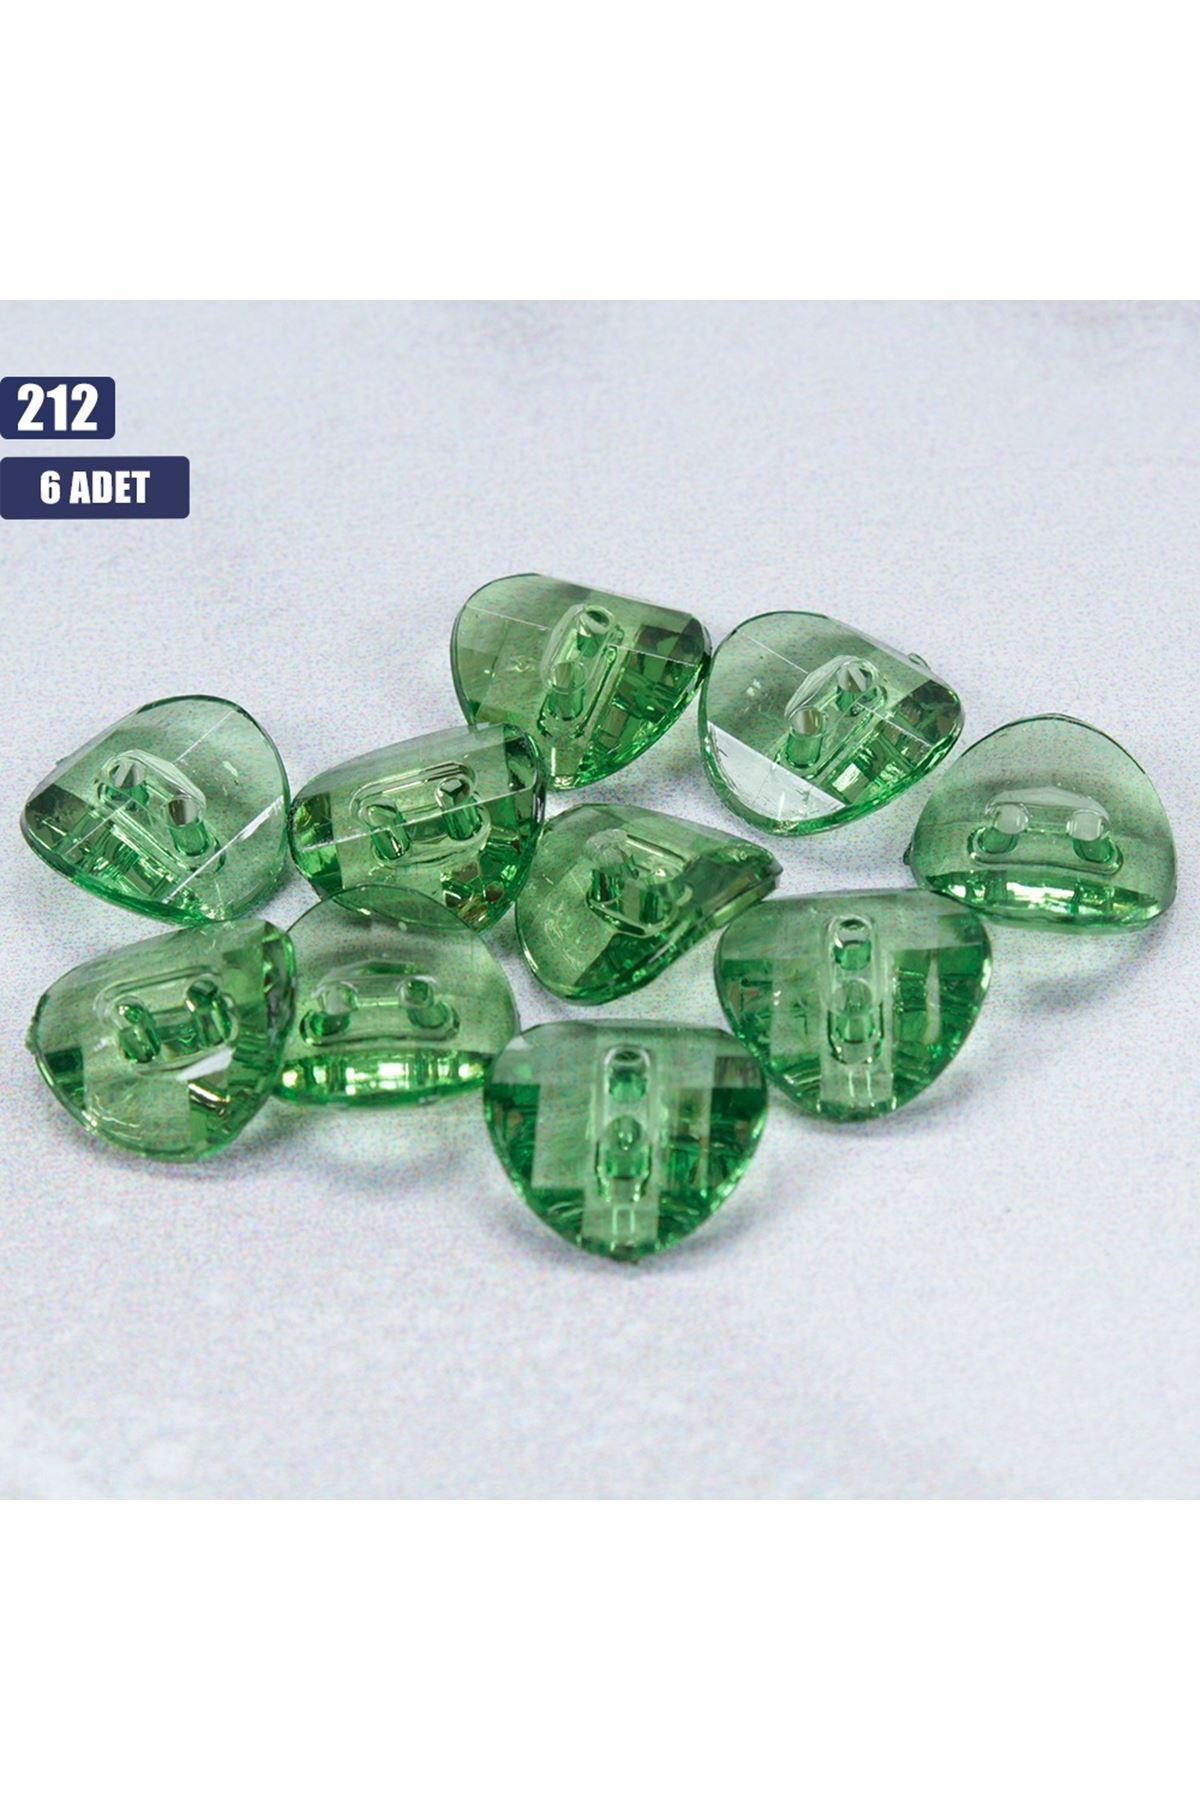 6 adet Bebek Düğmesi 212